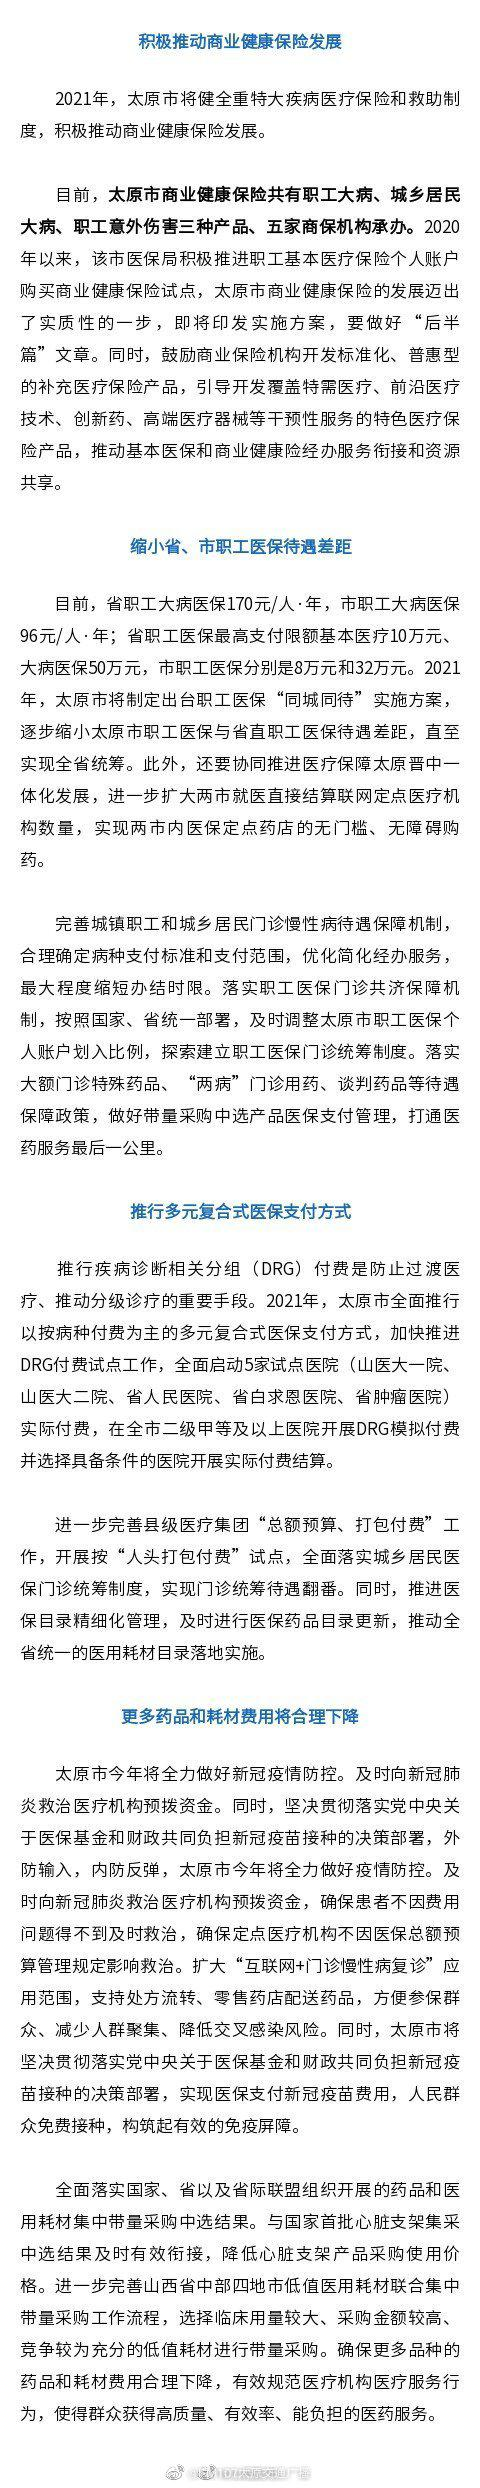 太原市:职工医保个人账户可购买商业健康保险